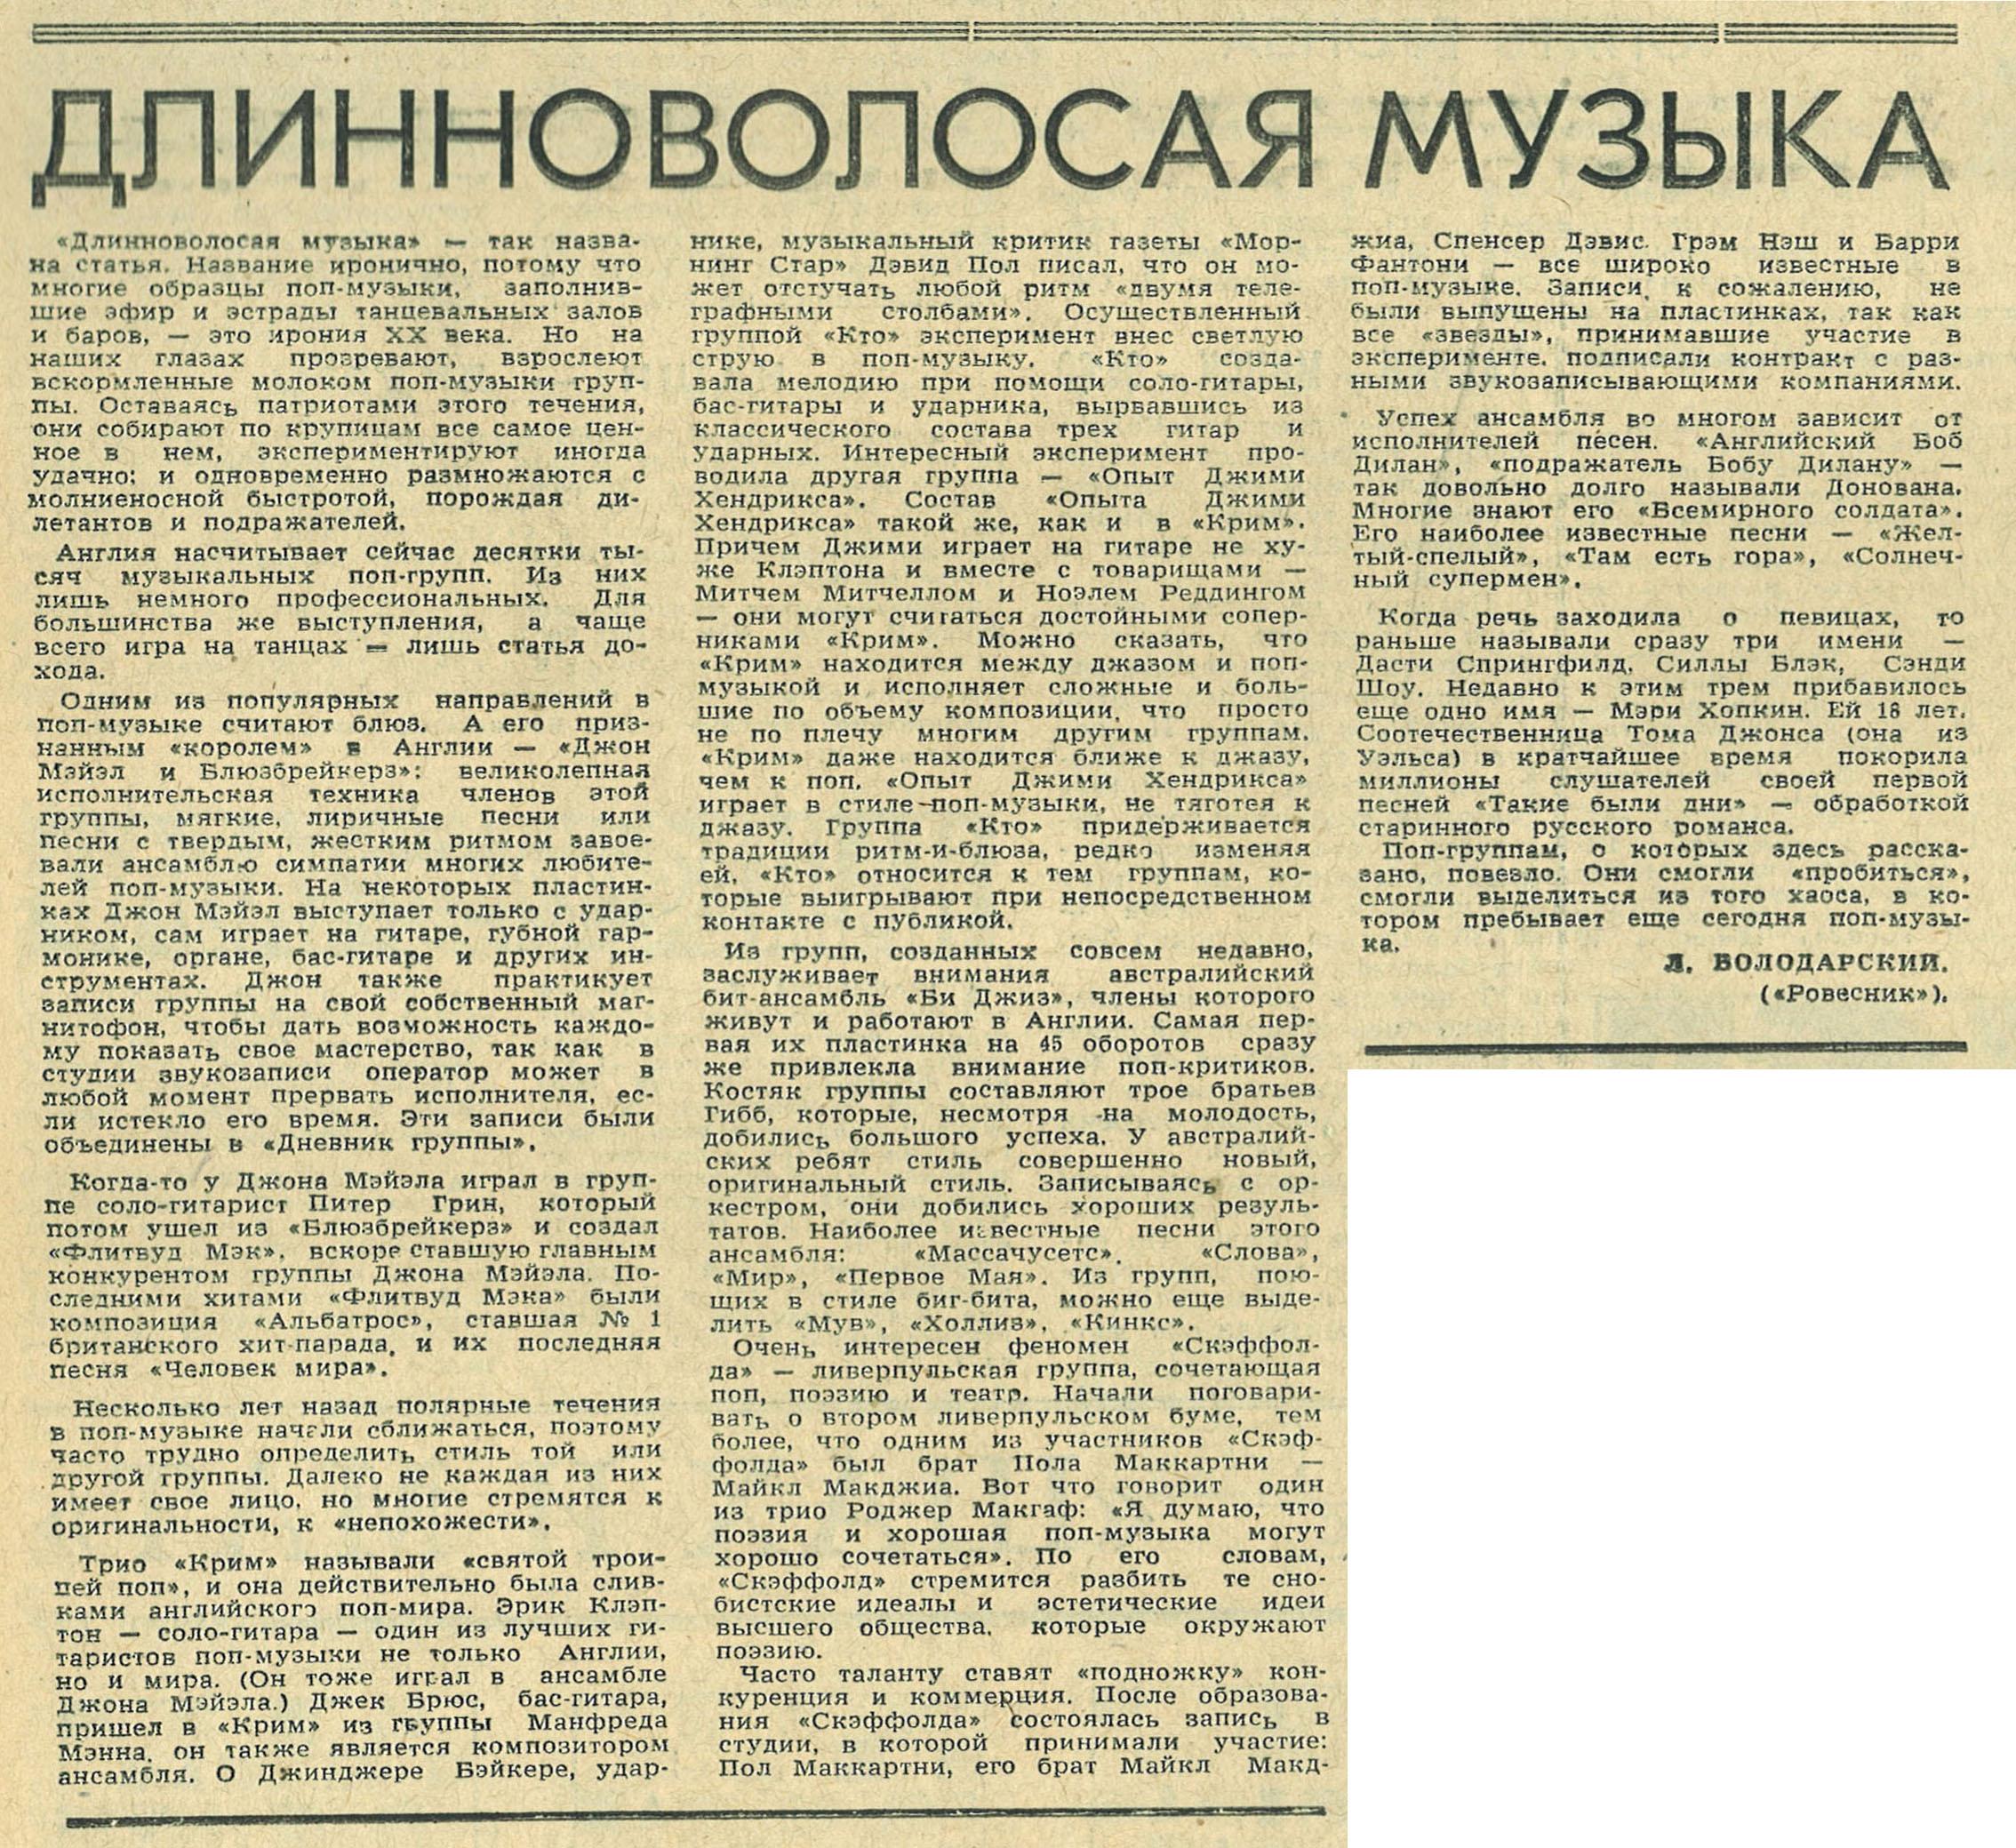 """Статья """"Длинноволосая музыка"""", газета """"Молодёжь Эстонии"""", 1969"""